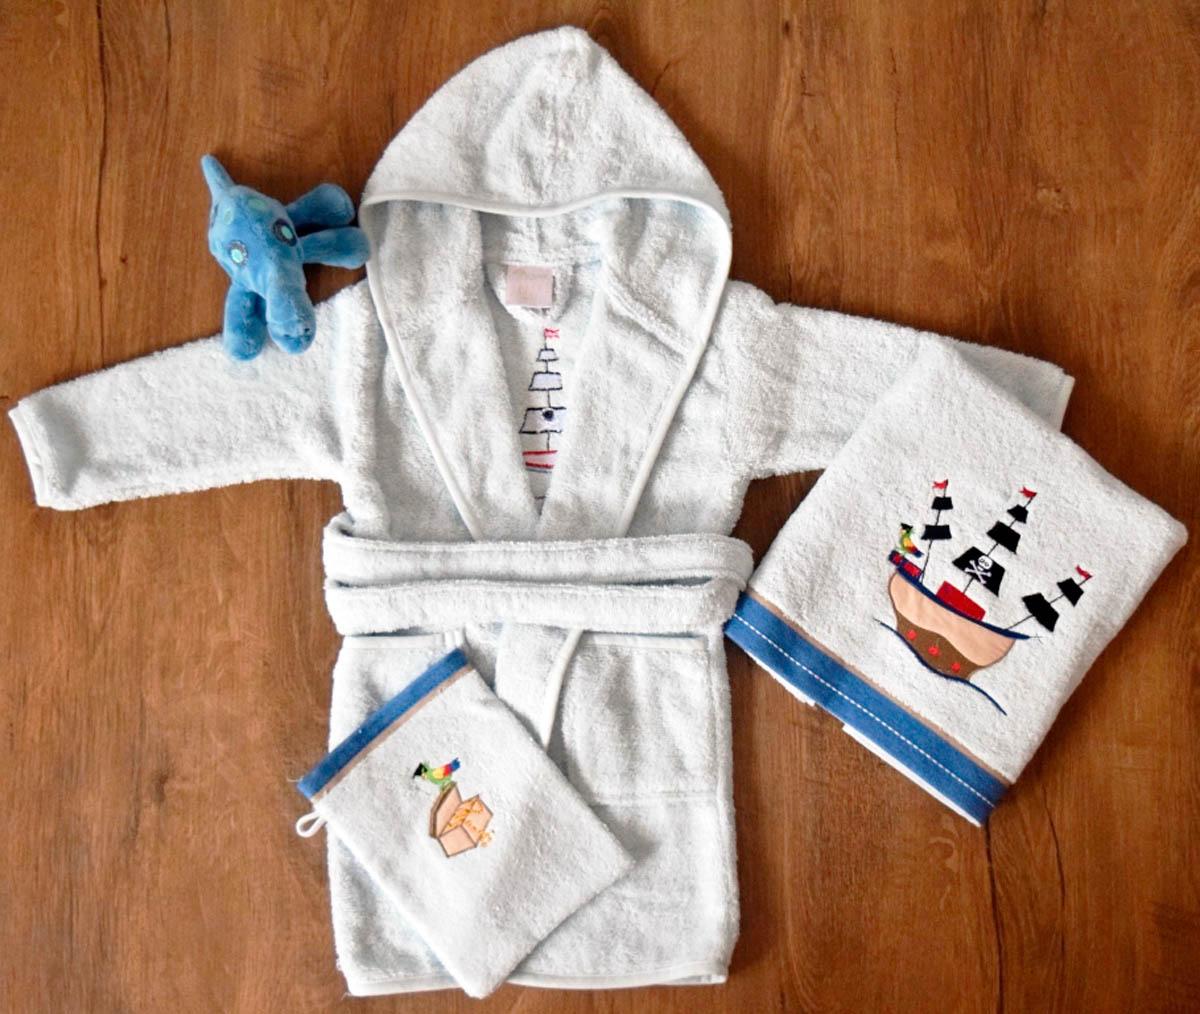 Детские халаты Arya Детский халат Pirate Цвет: Голубой (1-3 года) халаты домашние лори халат